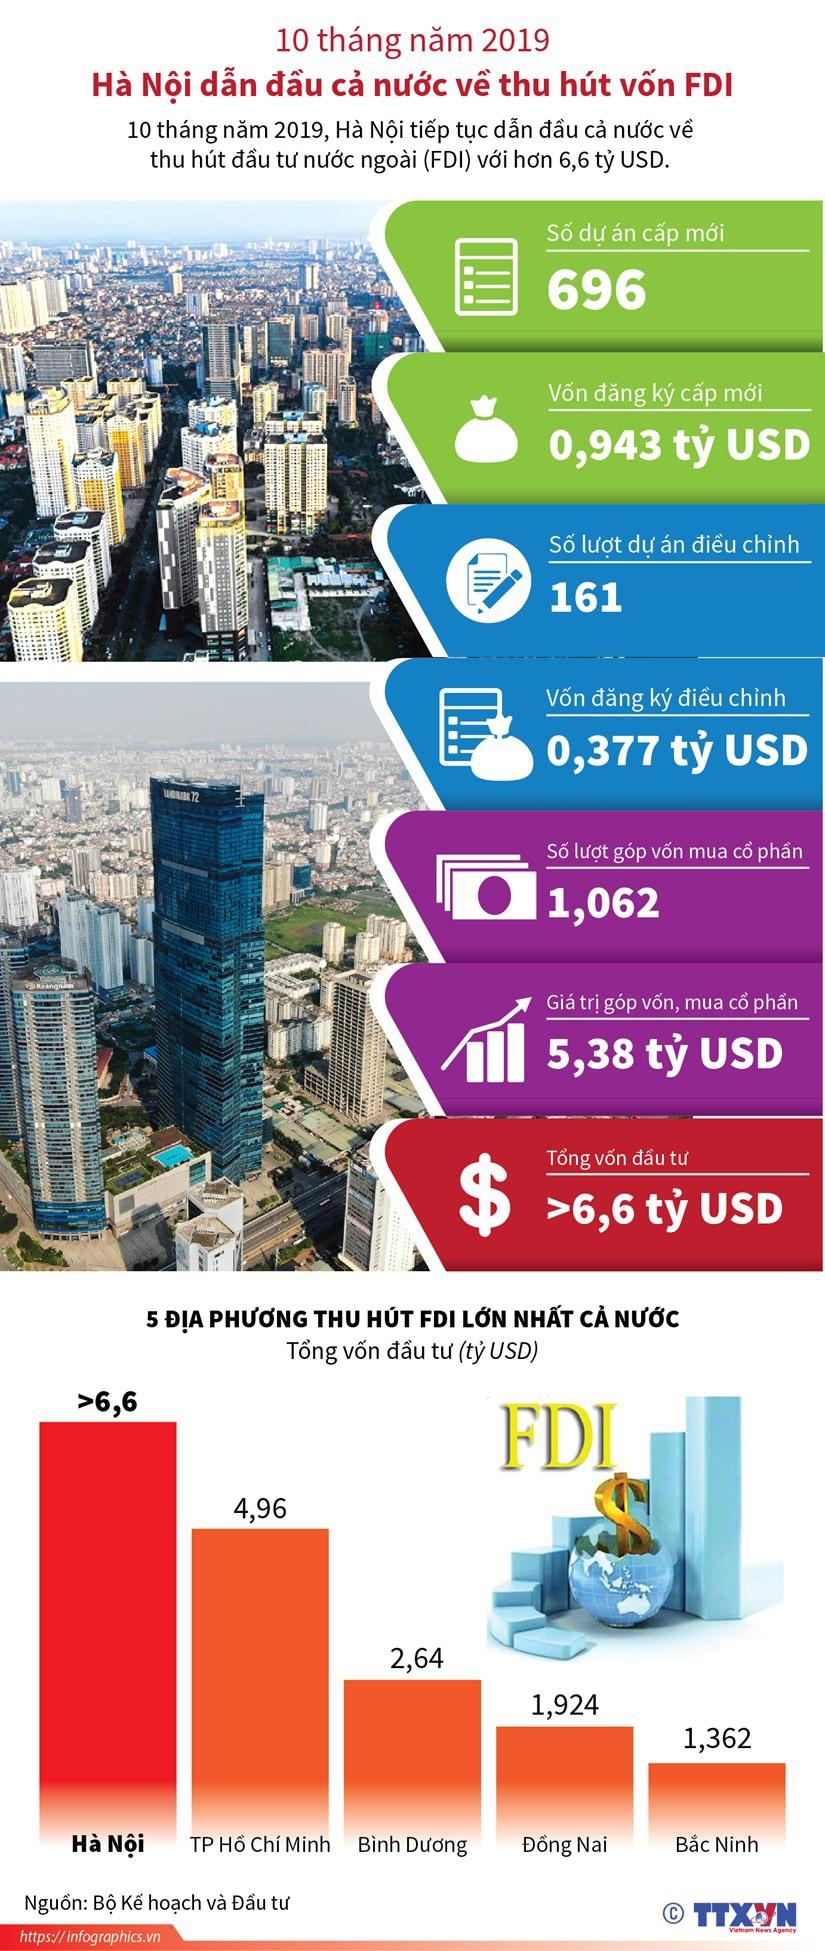 10 tháng năm 2019: Hà Nội dẫn đầu cả nước về thu hút vốn FDI - Ảnh 1.